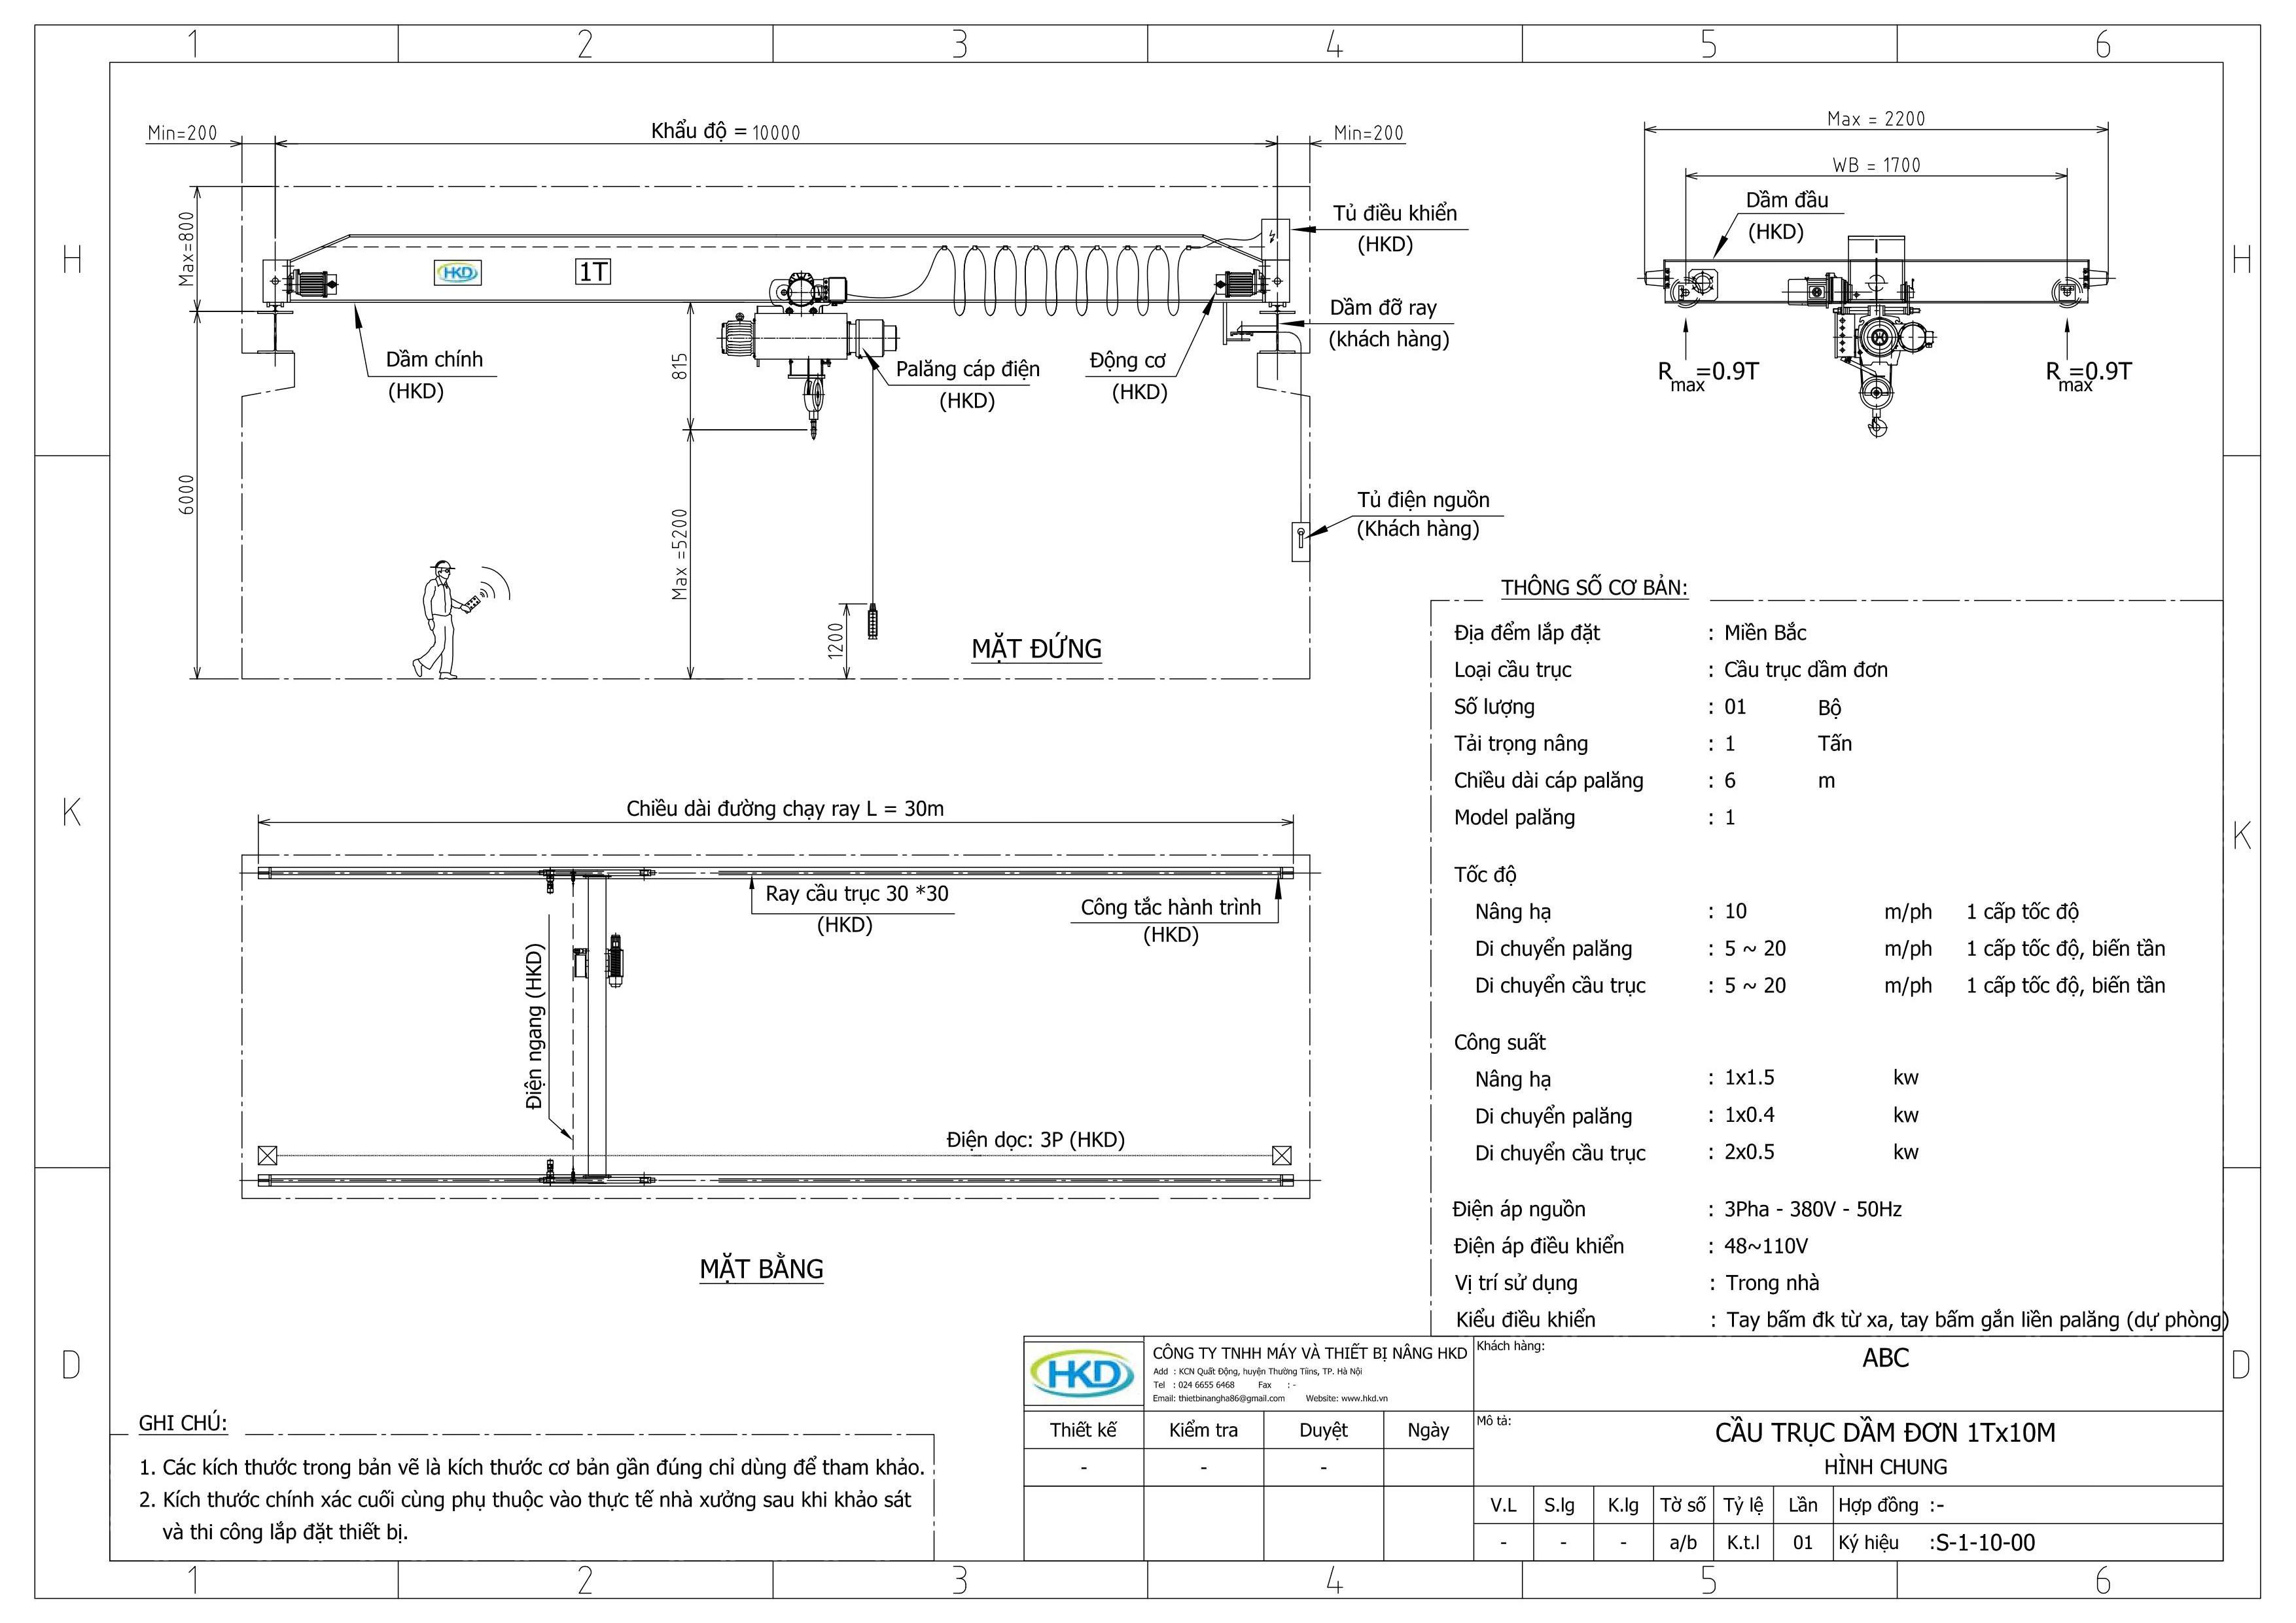 Bản vẽ cầu trục dầm đơn 1 tấn tại HKD